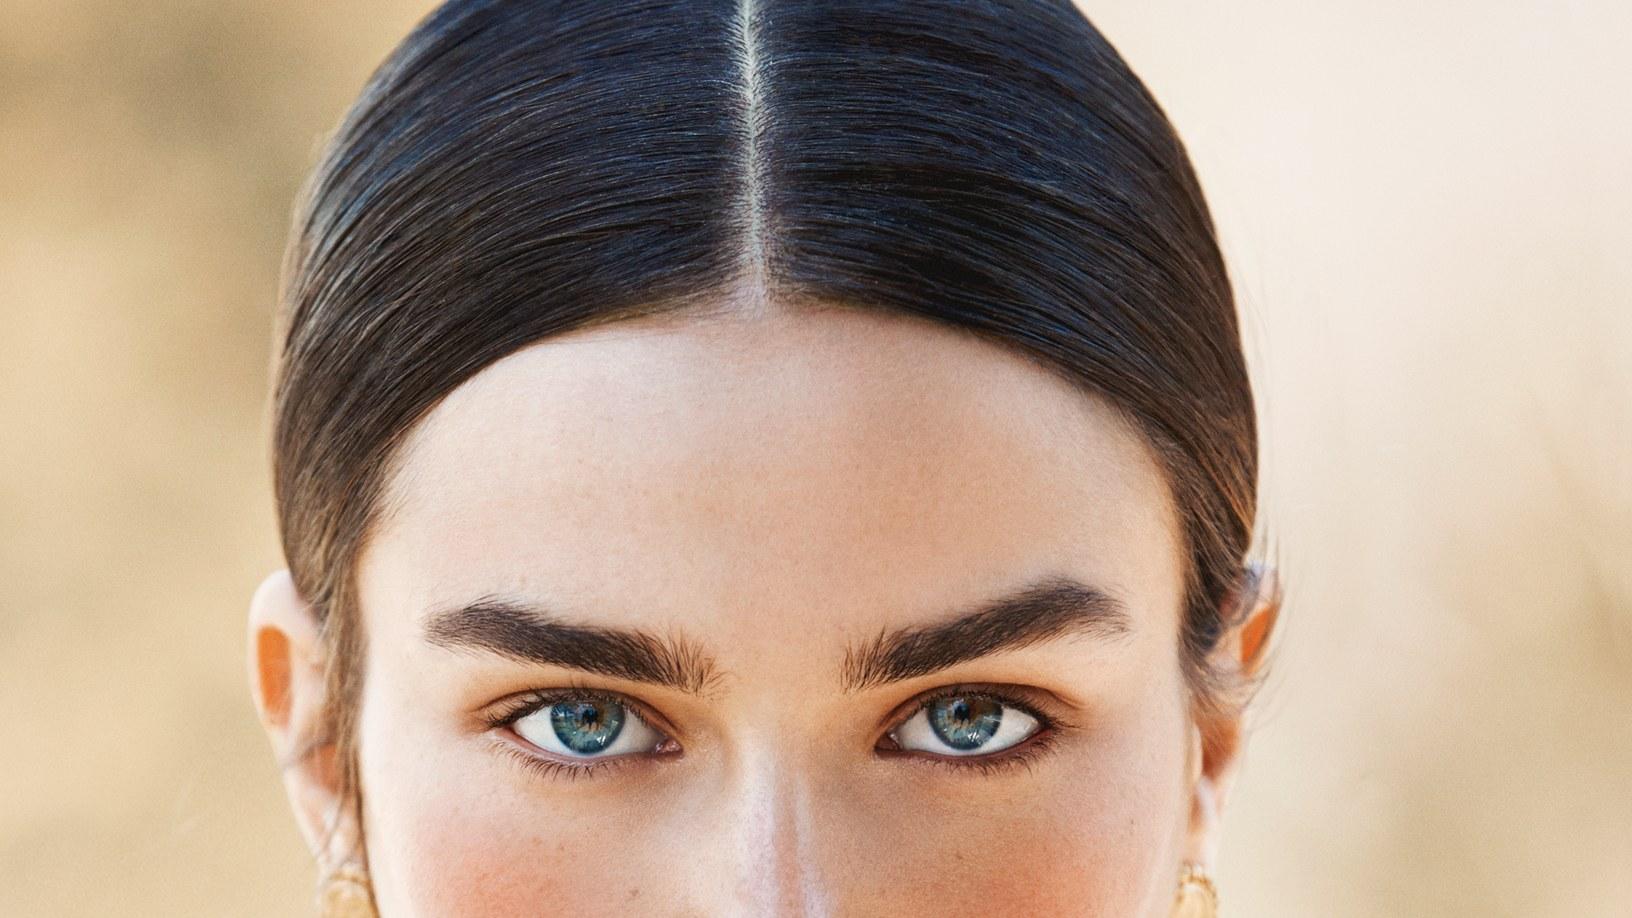 01-beard-dye-eyebrows.jpg